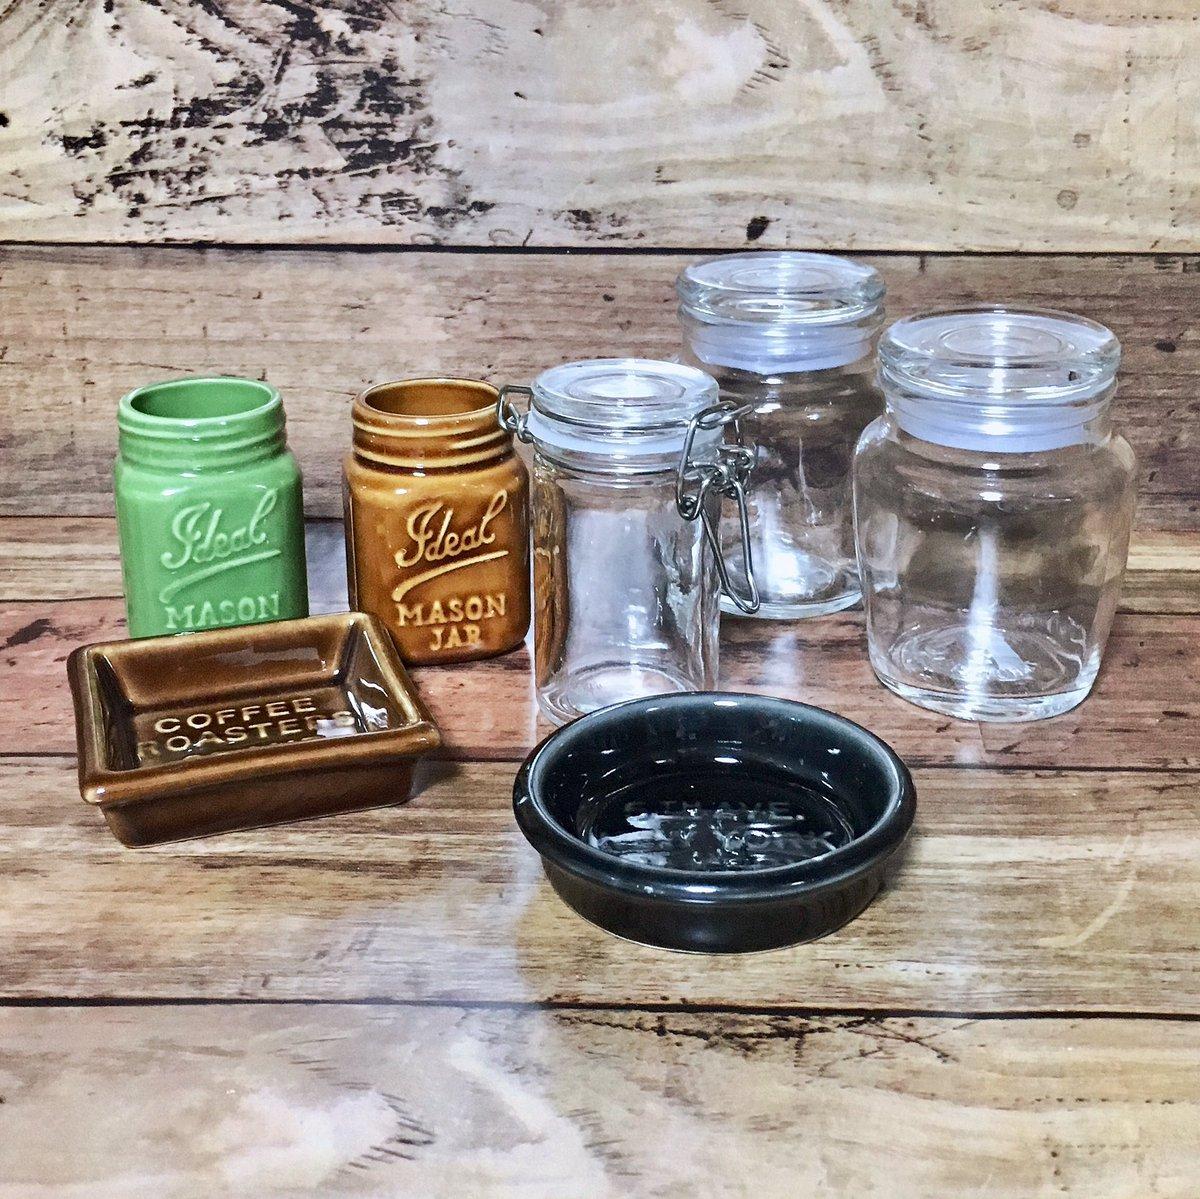 test ツイッターメディア - セリアの瓶やプレートと小さめカップが欲しかったのでダイソーでカップを購入٩( 'ω' )و  #雑貨 #セリア #ダイソー #マグカップ https://t.co/aekhD3FC3w